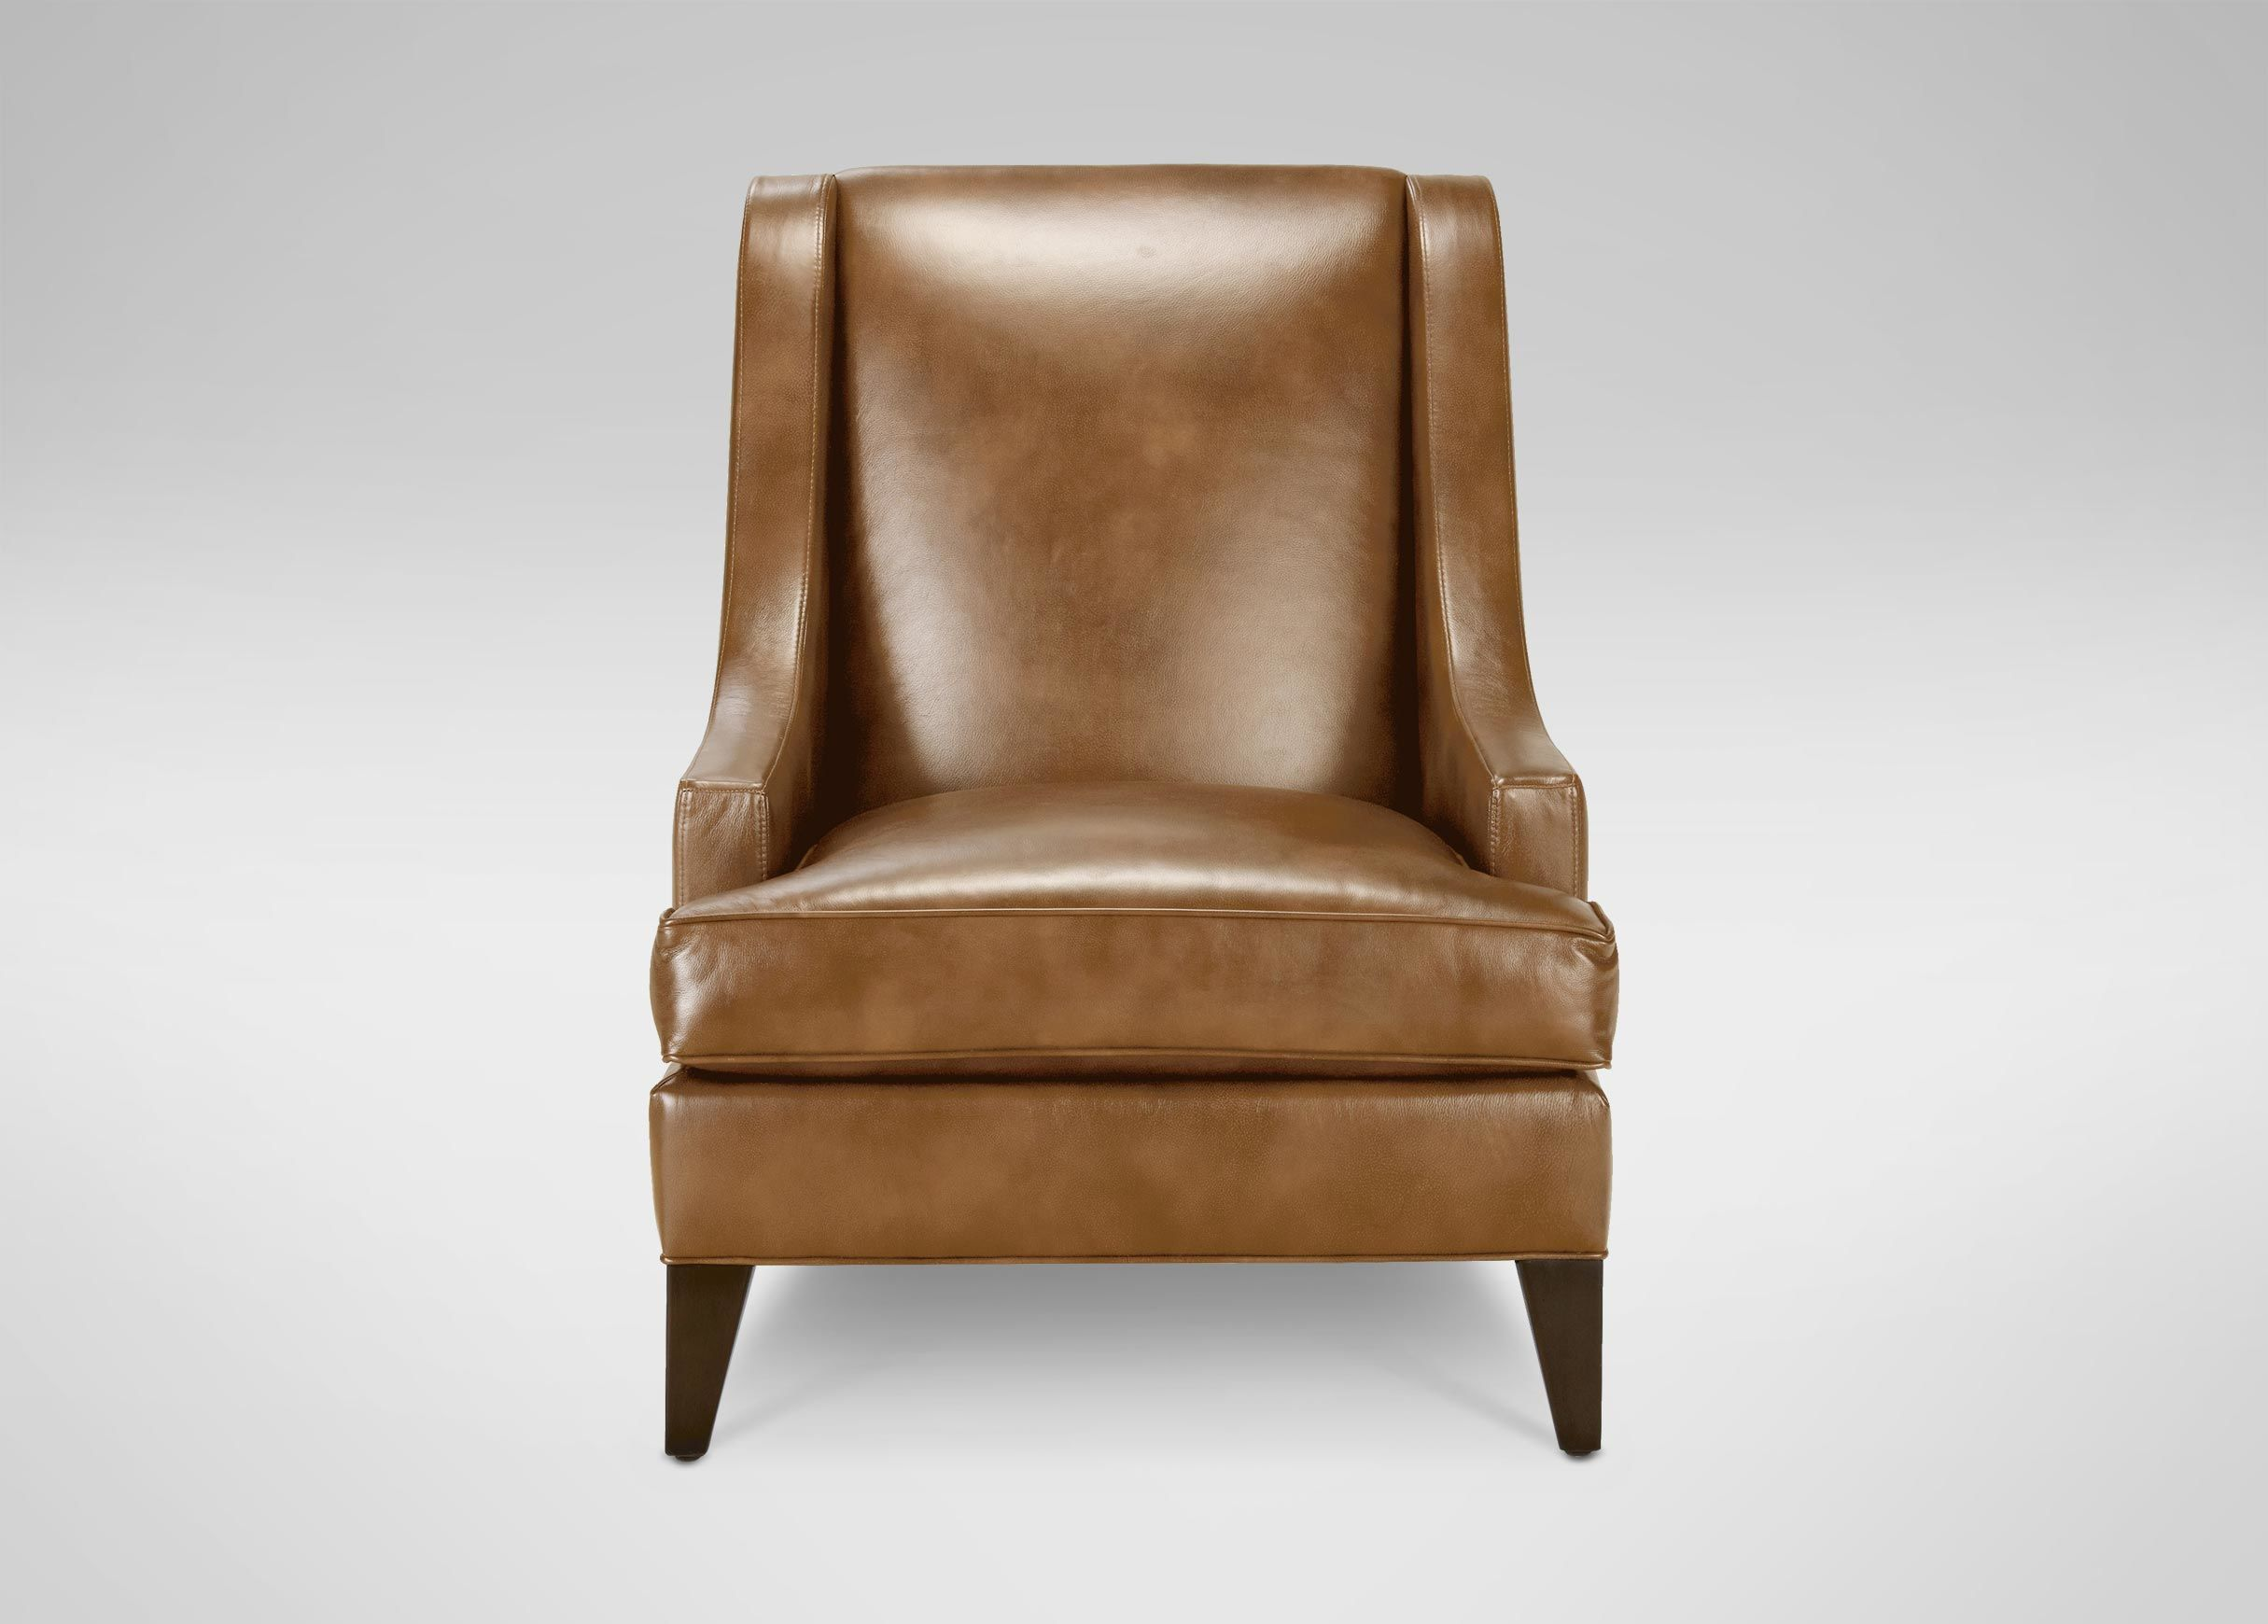 ethan allen leather chair polka dot bean bag emerson quick ship chairs chaises